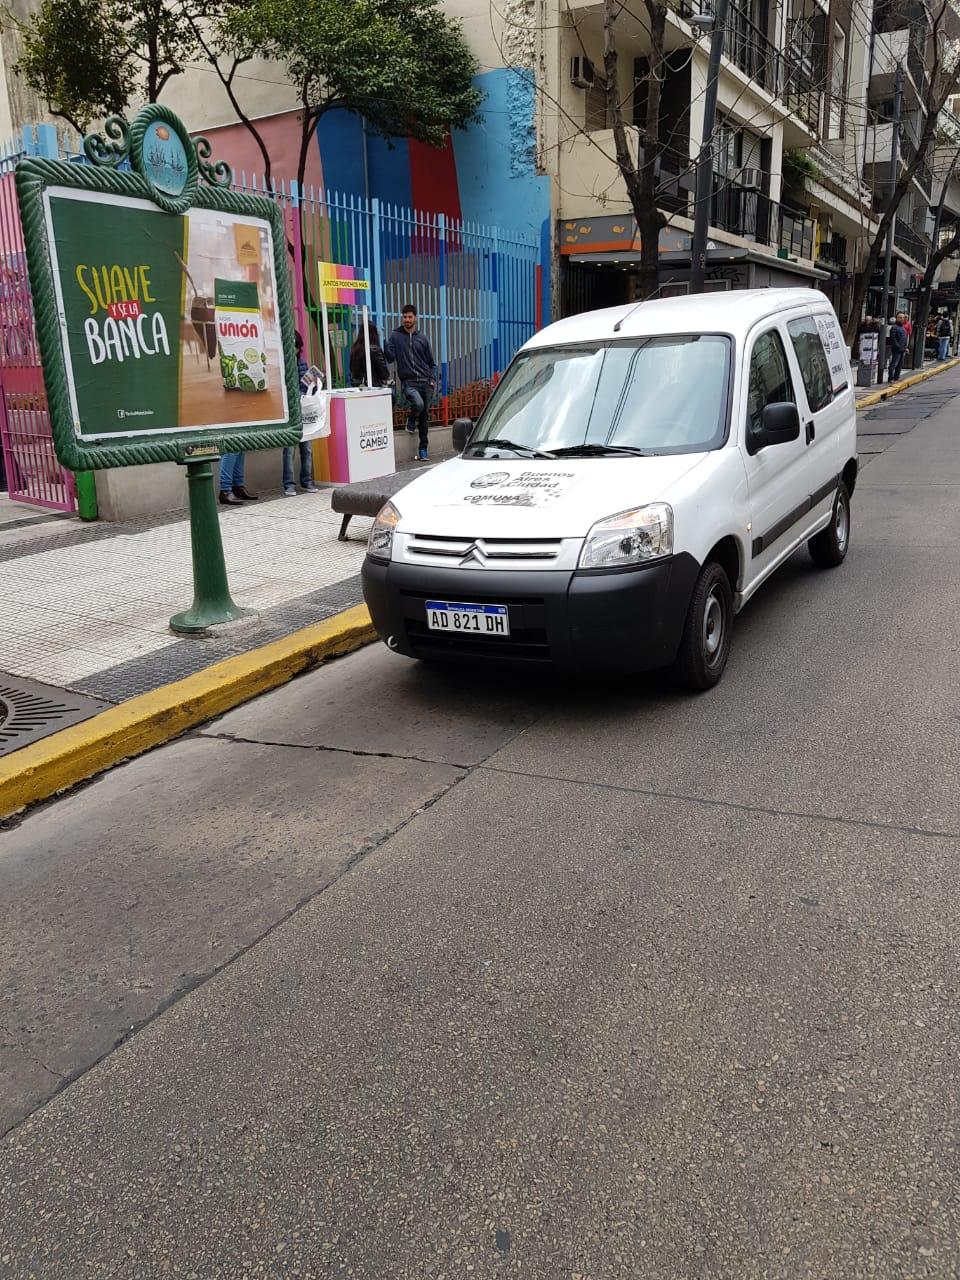 Falta de ética: La utilización de los autos del gobierno para la campaña política